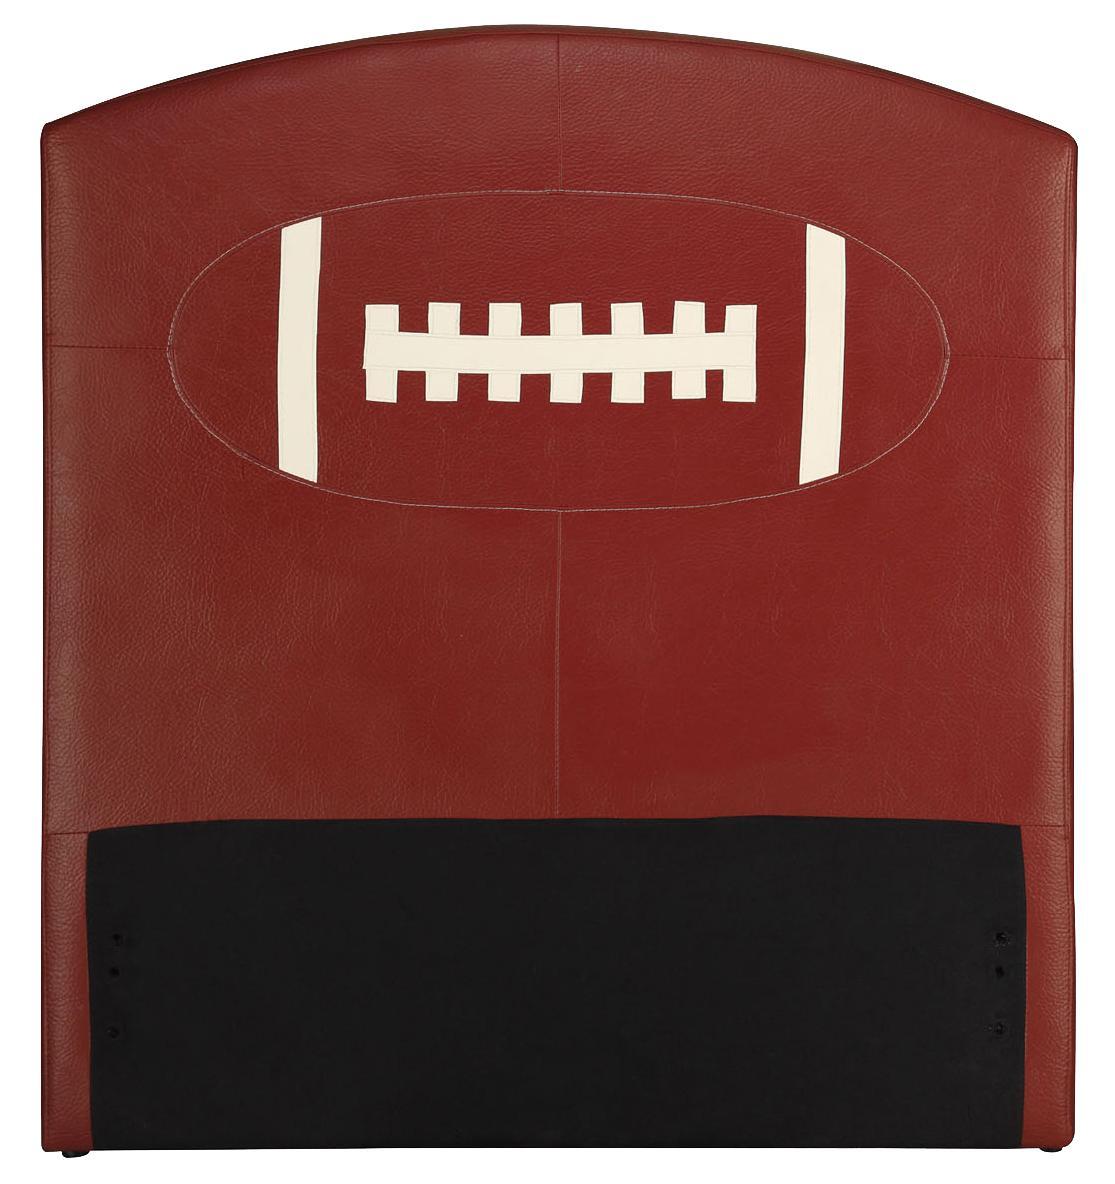 Acme Furniture All Star Football Twin Headboard - Item Number: 39046